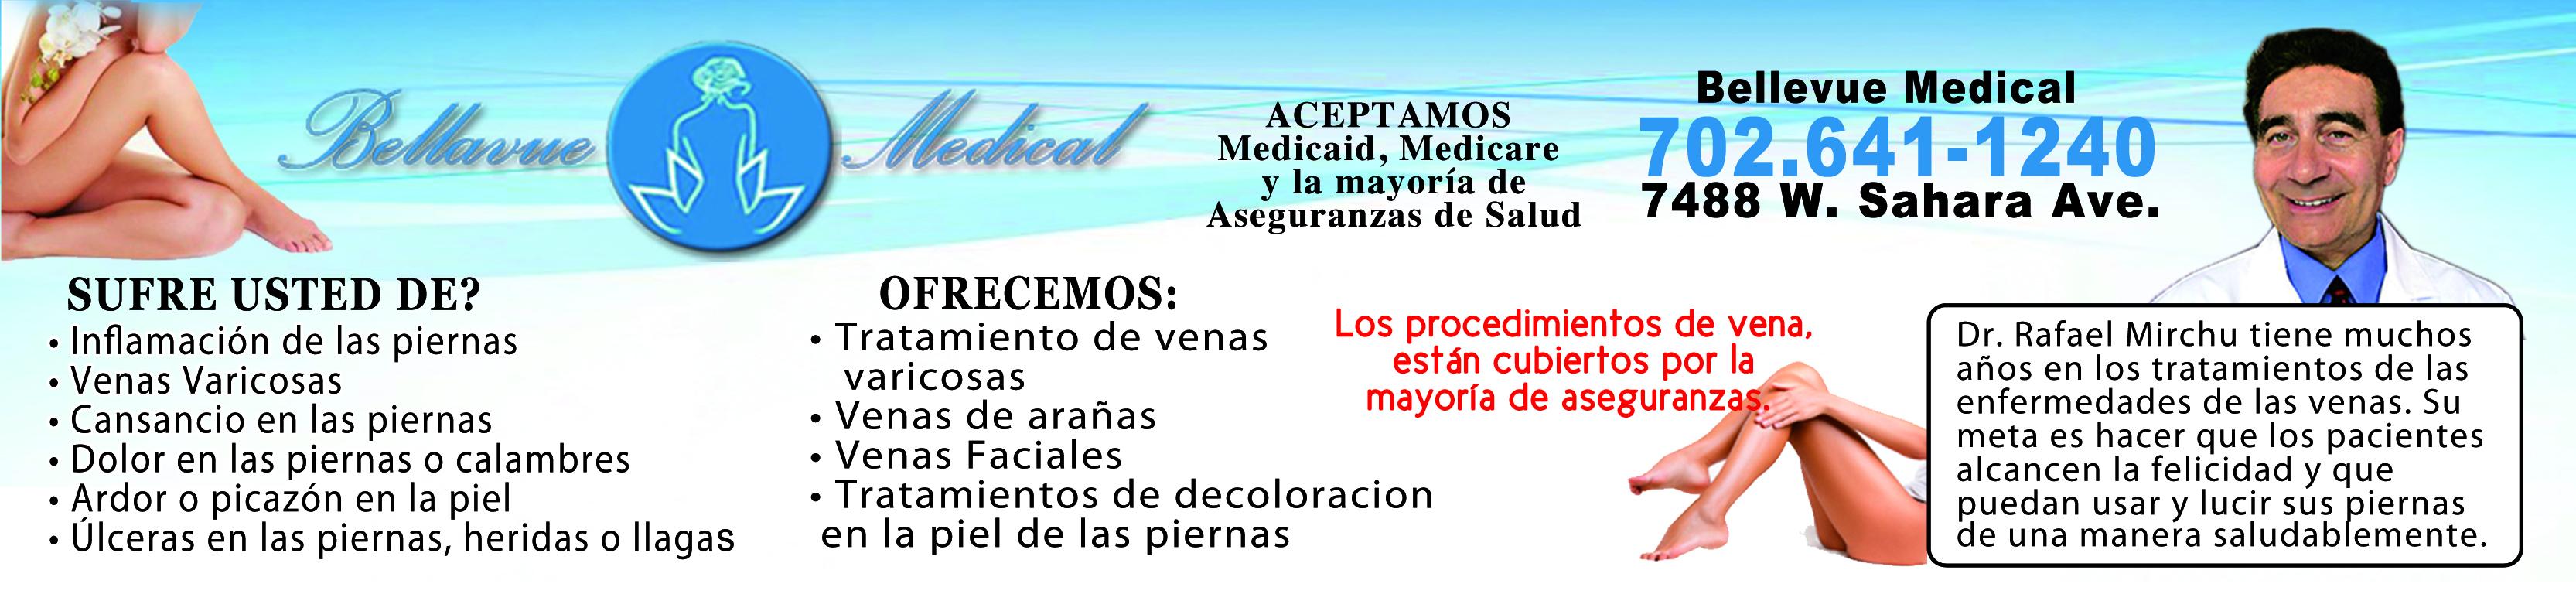 http://www.solo-ofertas-usa.com/wp-content/uploads/2016/01/clinica-641-1240.jpg